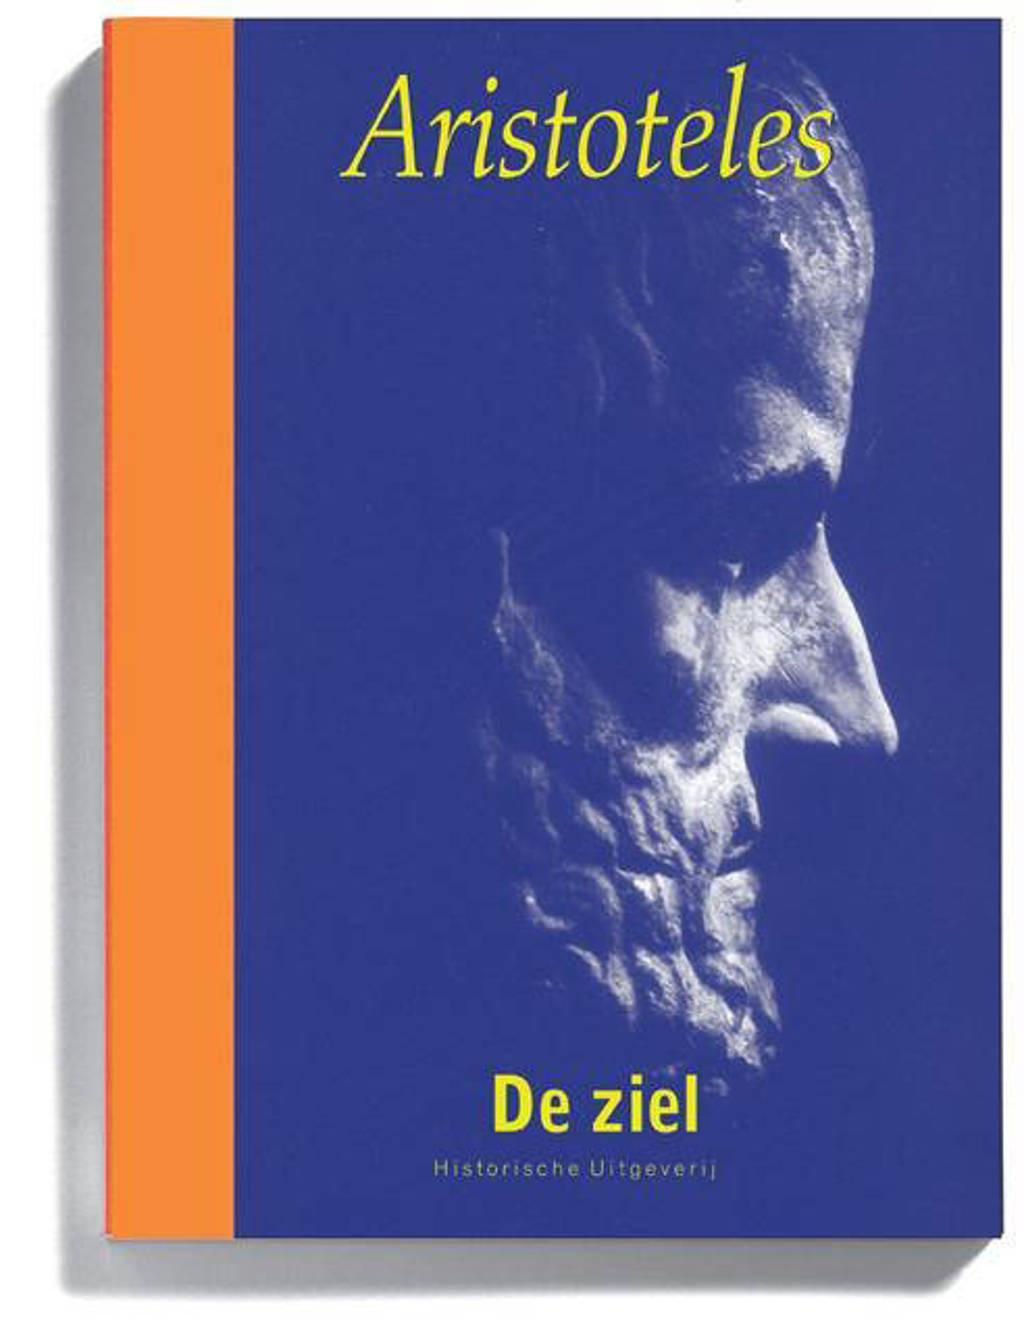 Aristoteles in Nederlandse vertaling: De ziel - Aristoteles